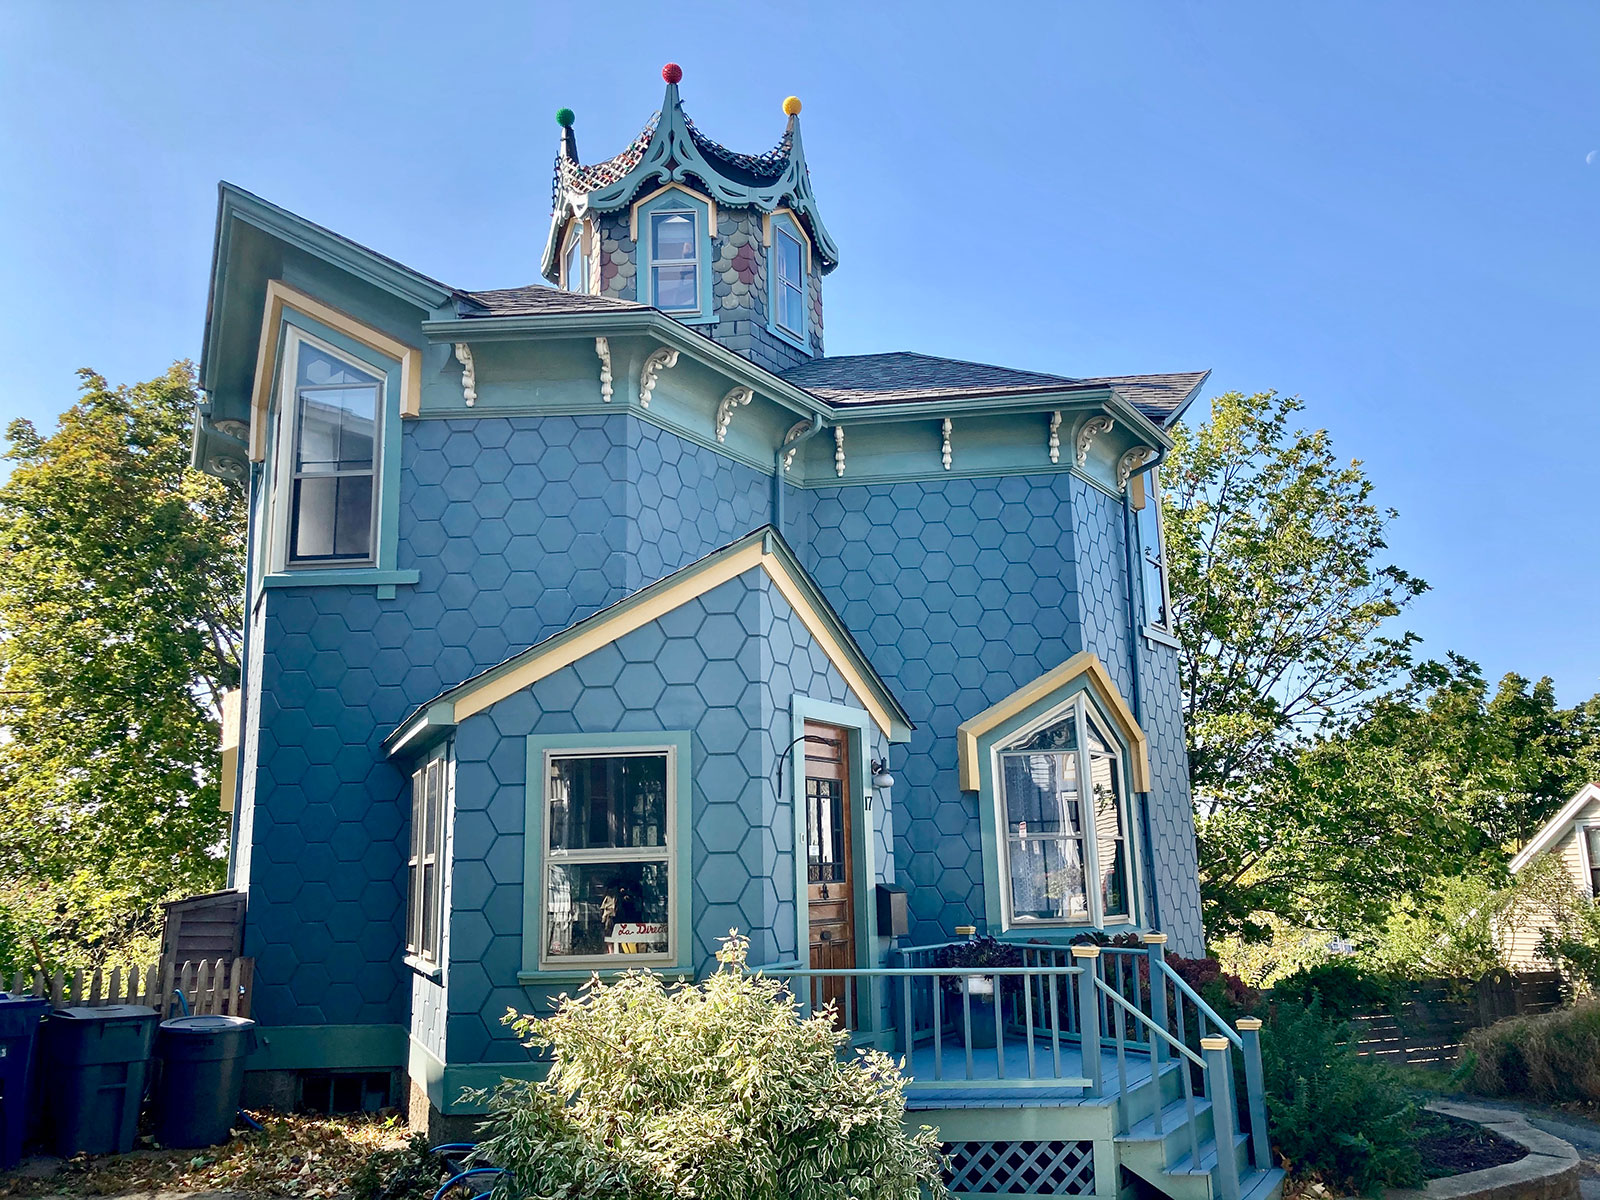 The Blue Dodecagonal House – a National Historic Landmark